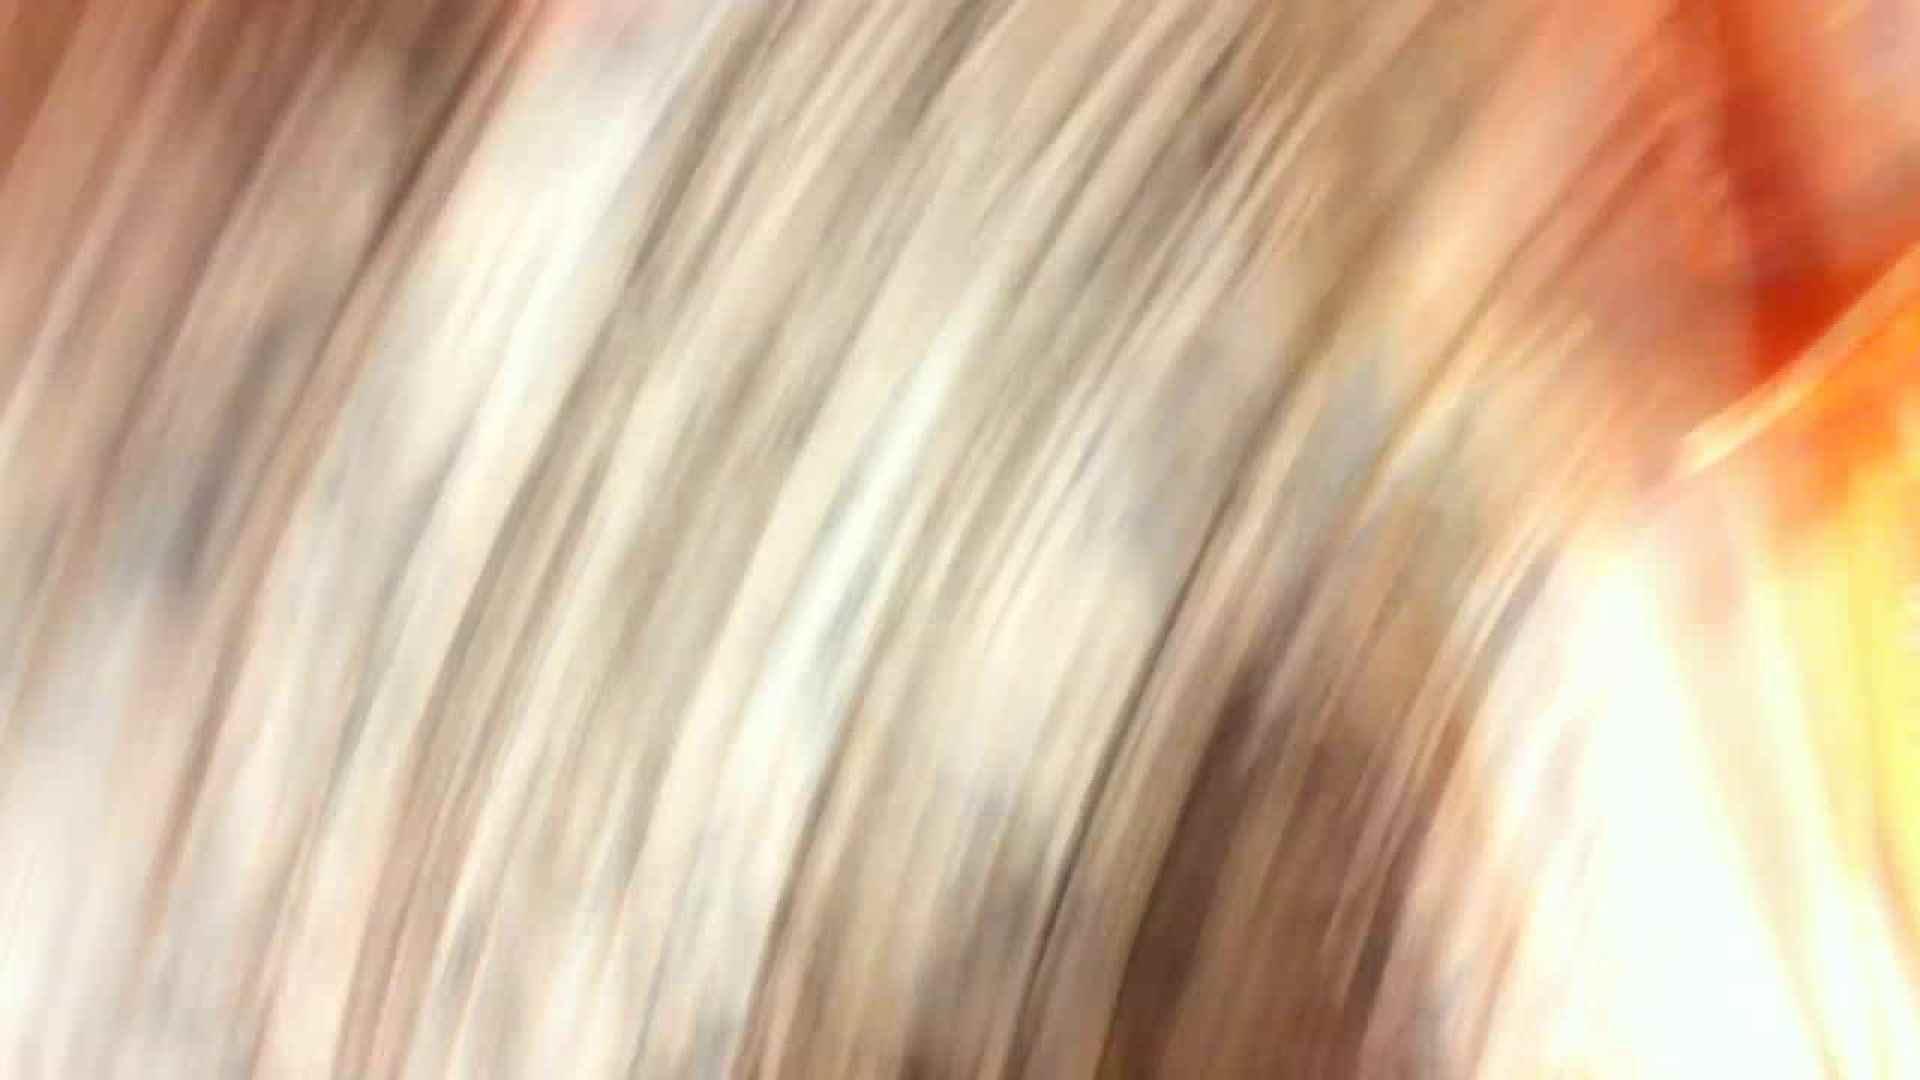 フルHD ショップ店員千人斬り! 大画面ノーカット完全版 vol.47 OLのエロ生活 | パンチラ  63連発 34